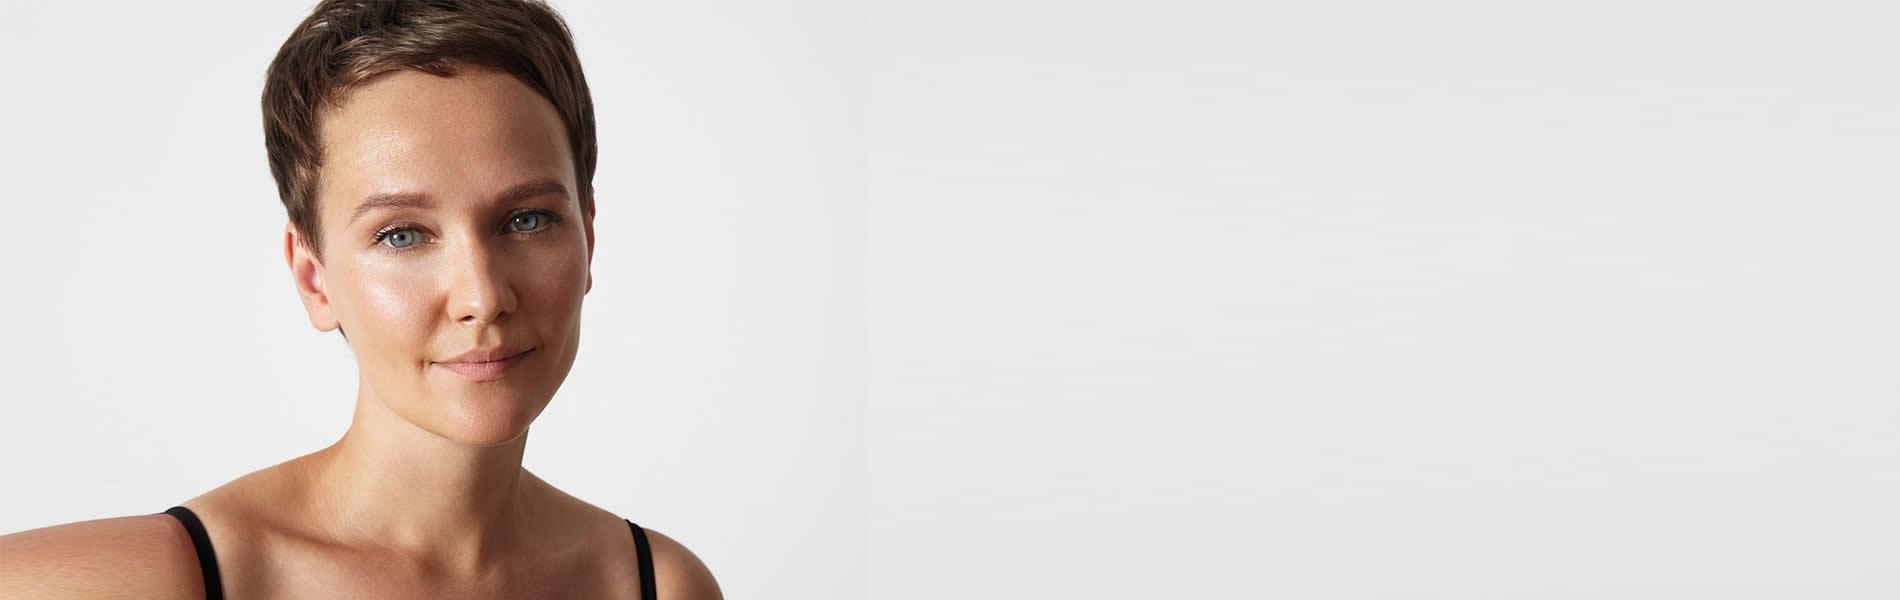 femme jeune peau souple - medecine esthetique visage